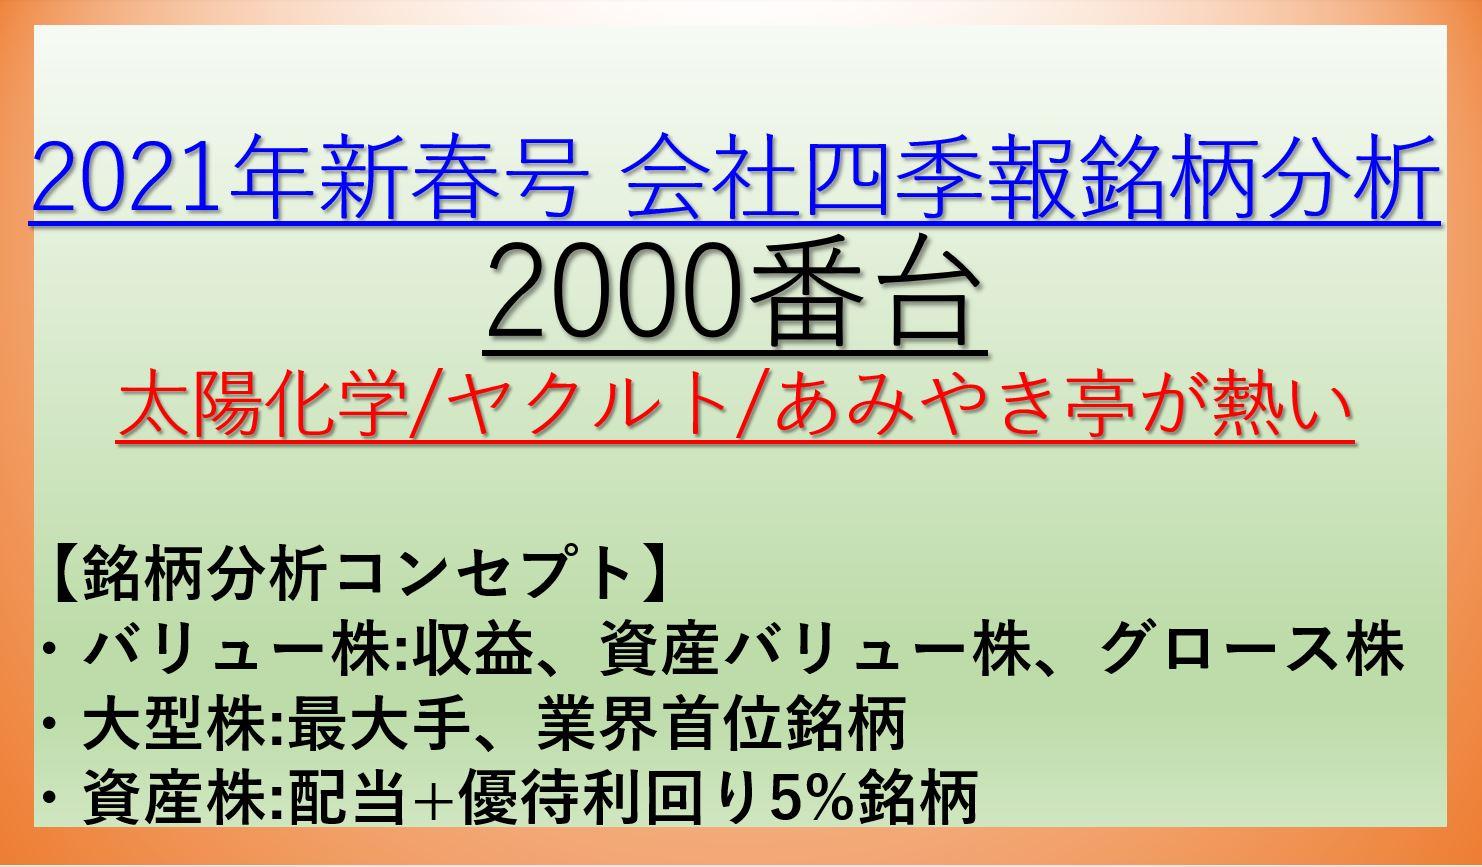 2021年新春号-会社四季報銘柄分析-2000番台